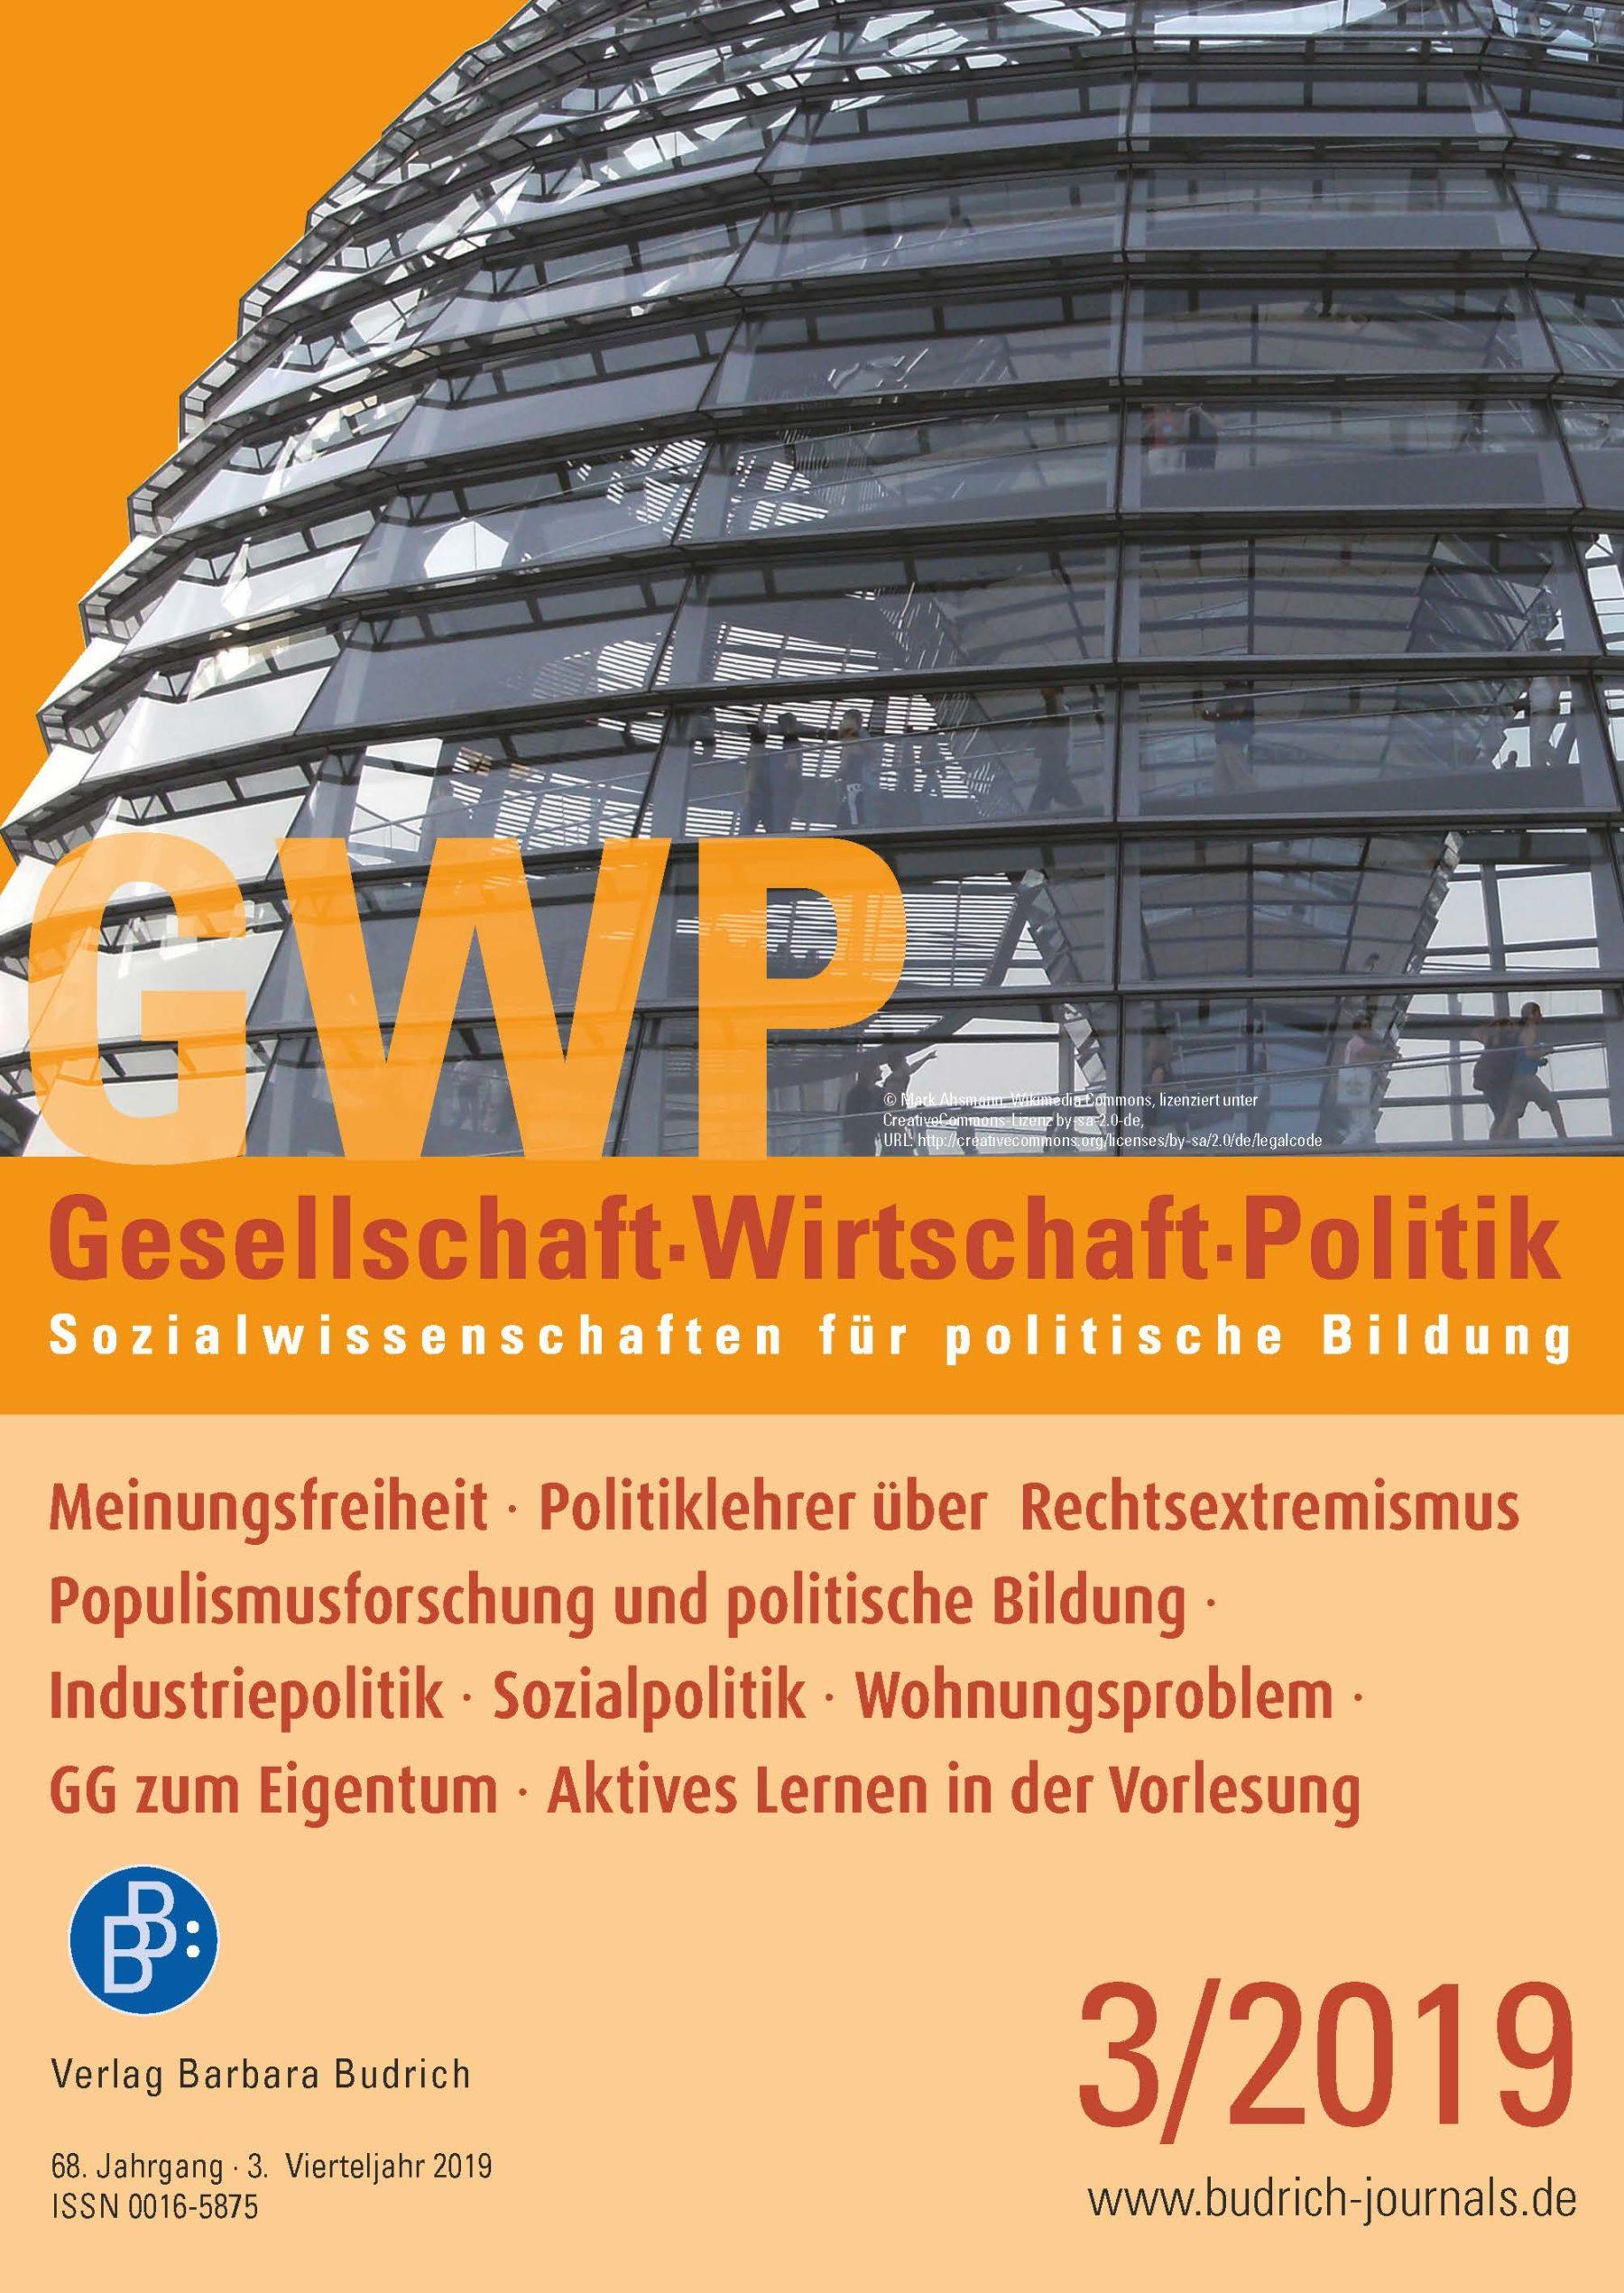 GWP – Gesellschaft. Wirtschaft. Politik 3-2019